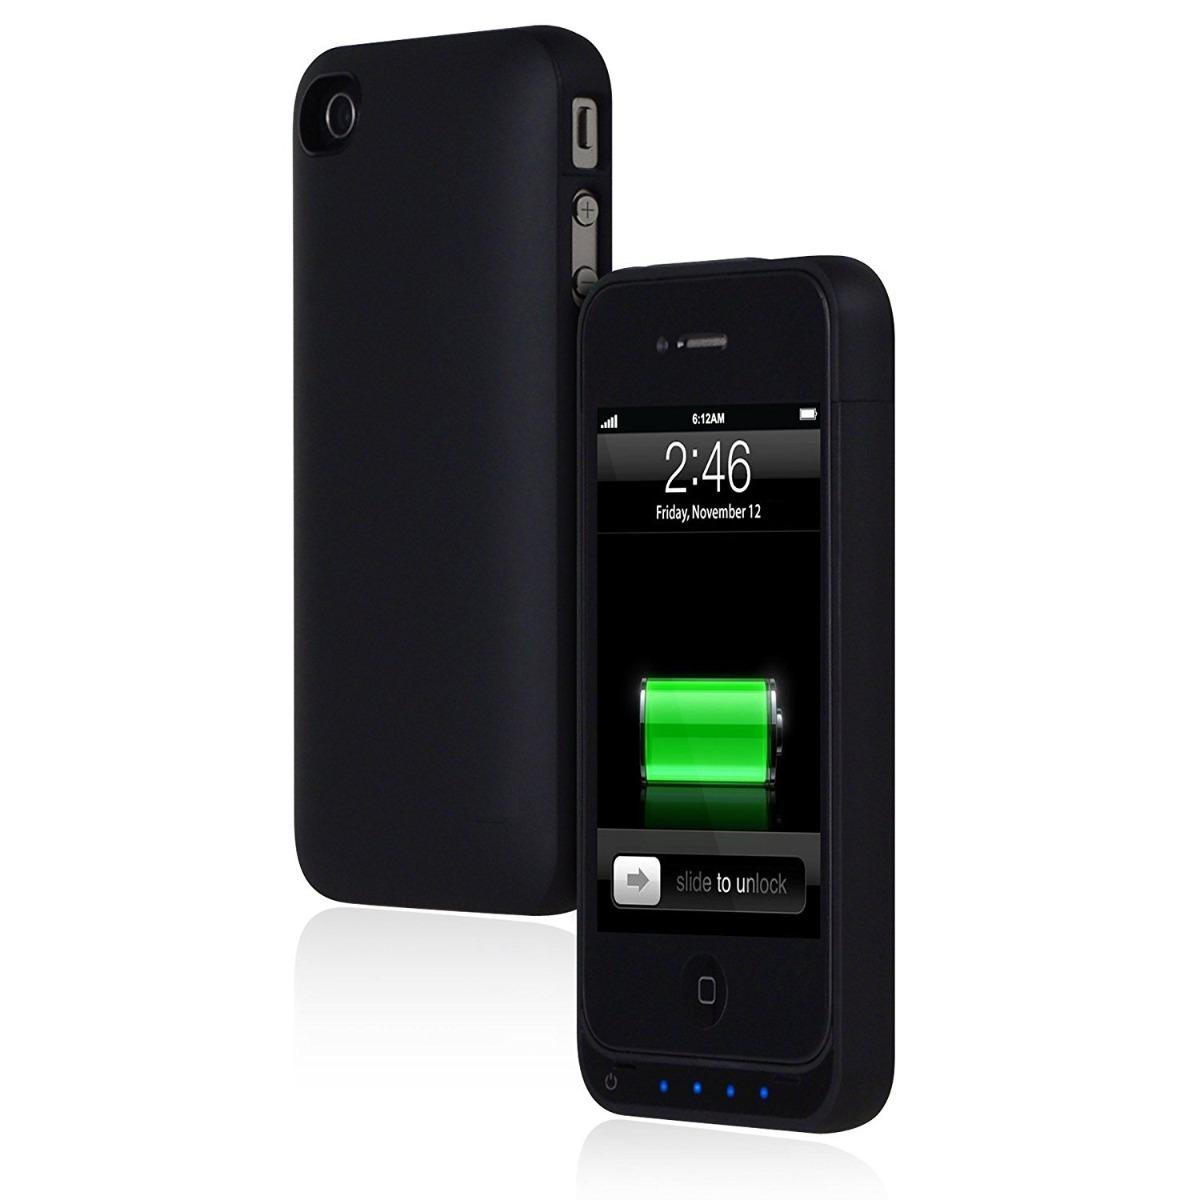 3a122ee5e15 iphone 4 4s funda con bateria estuche case protector cover. Cargando zoom.